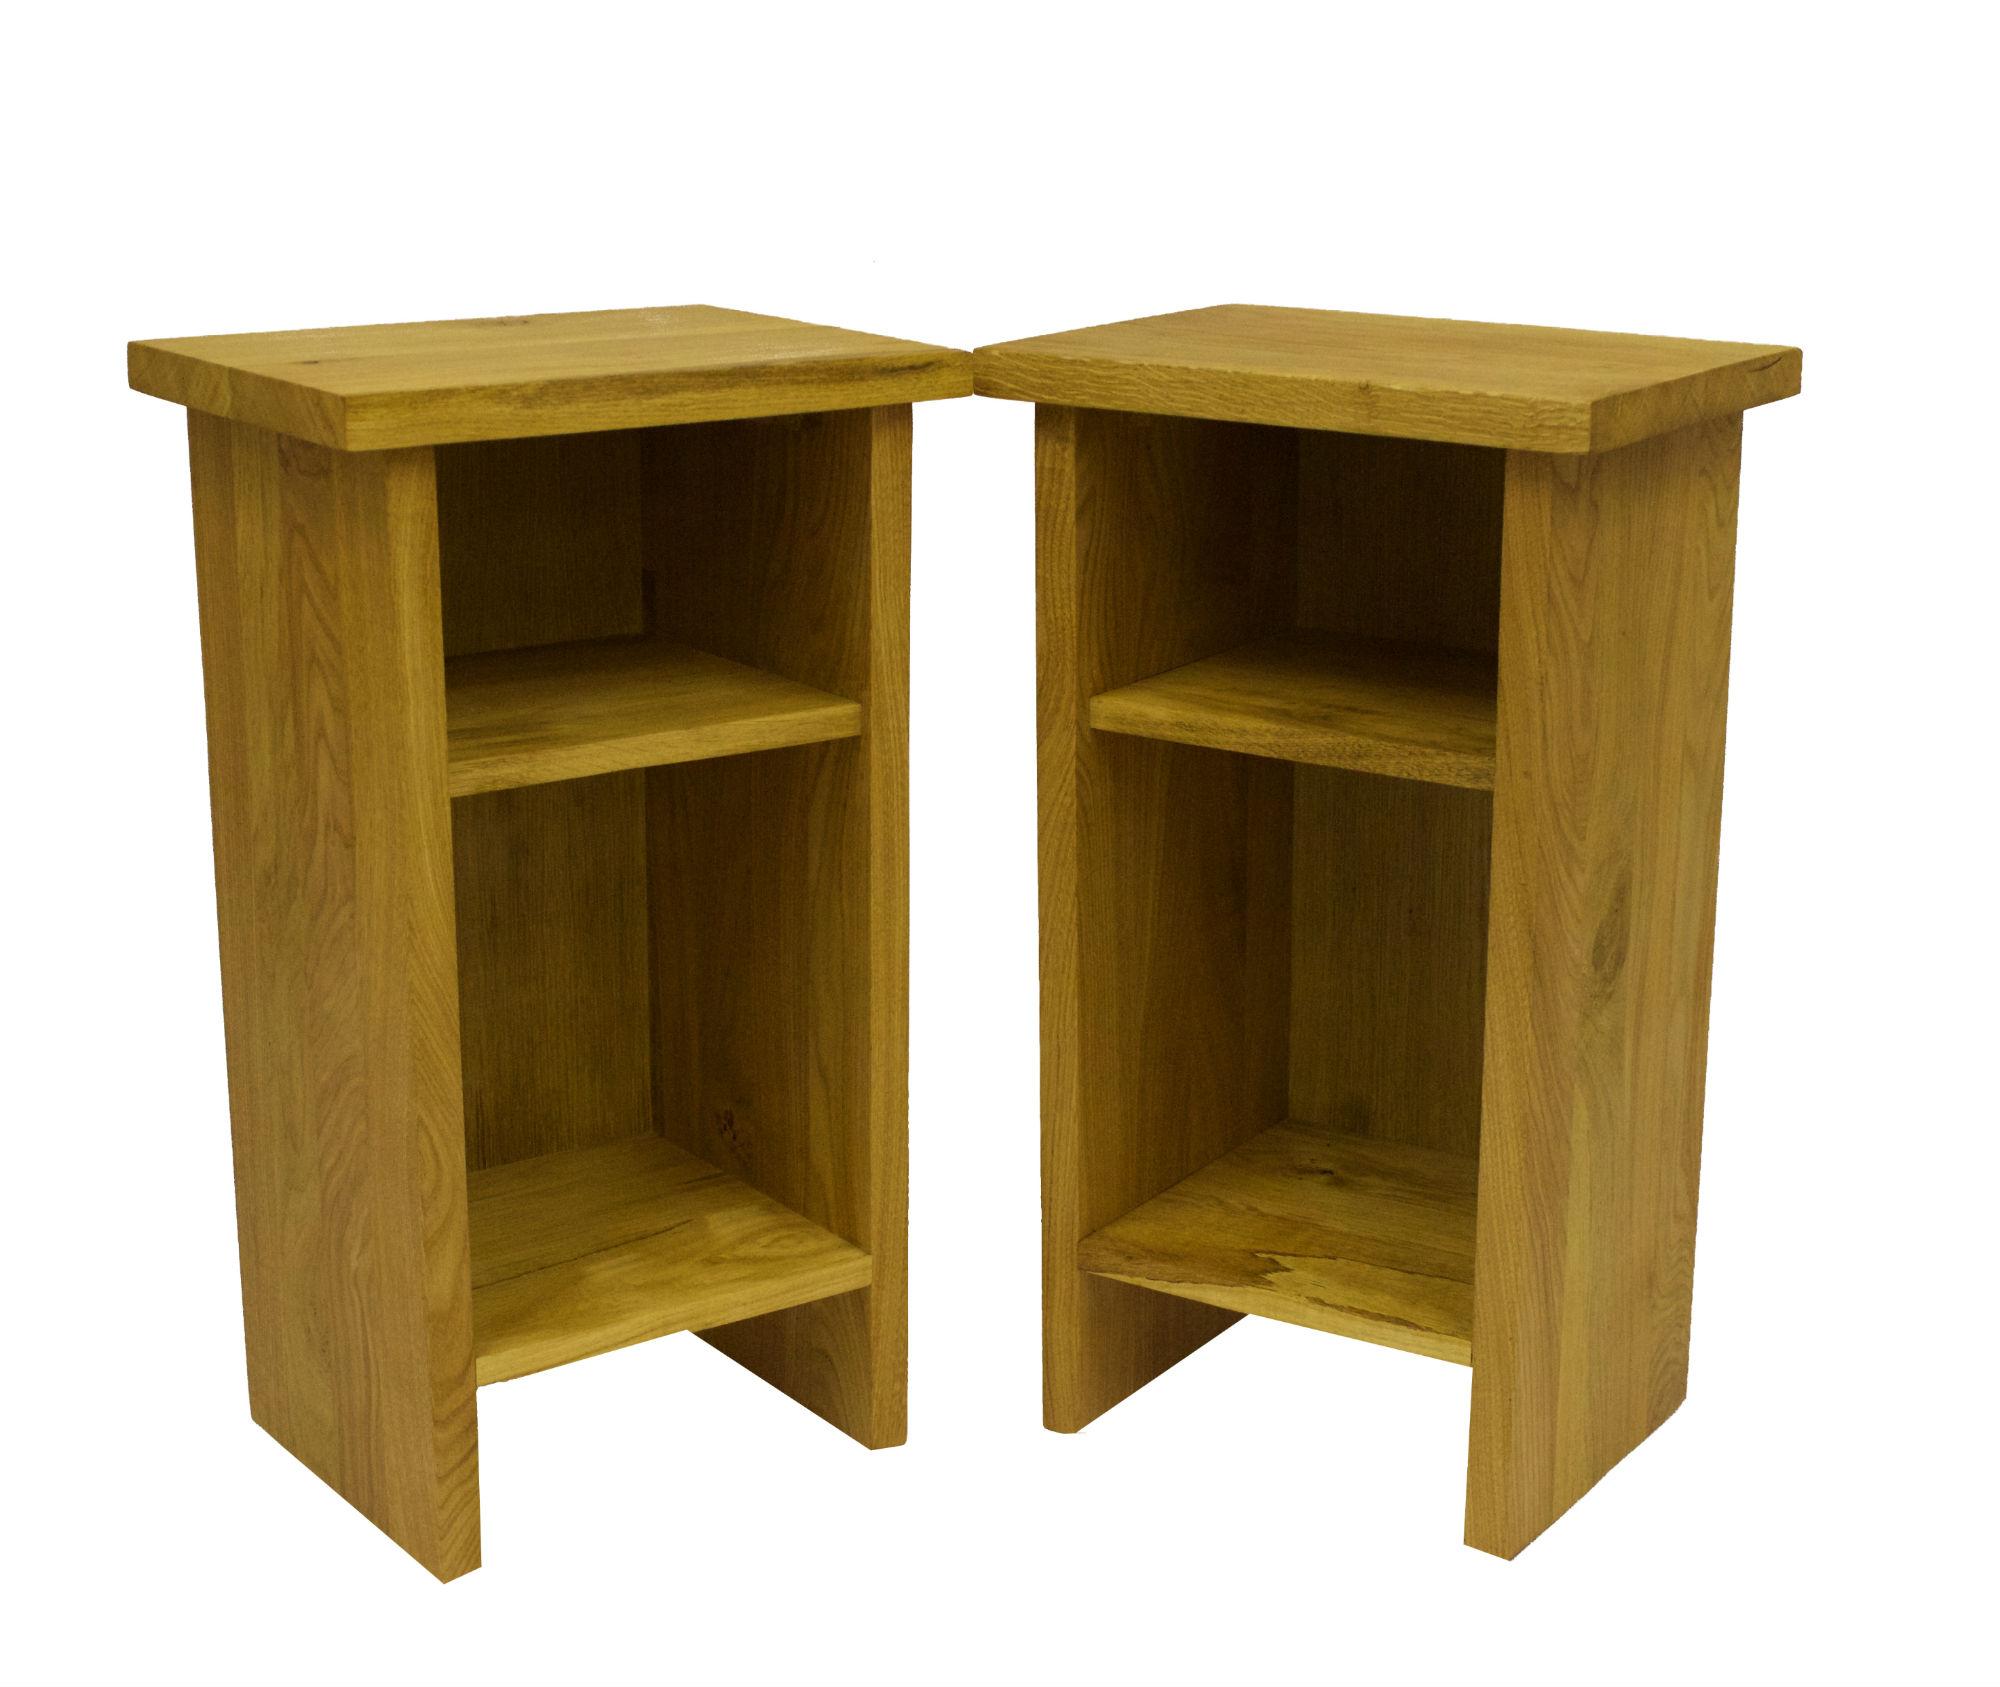 Oak bedside tabled